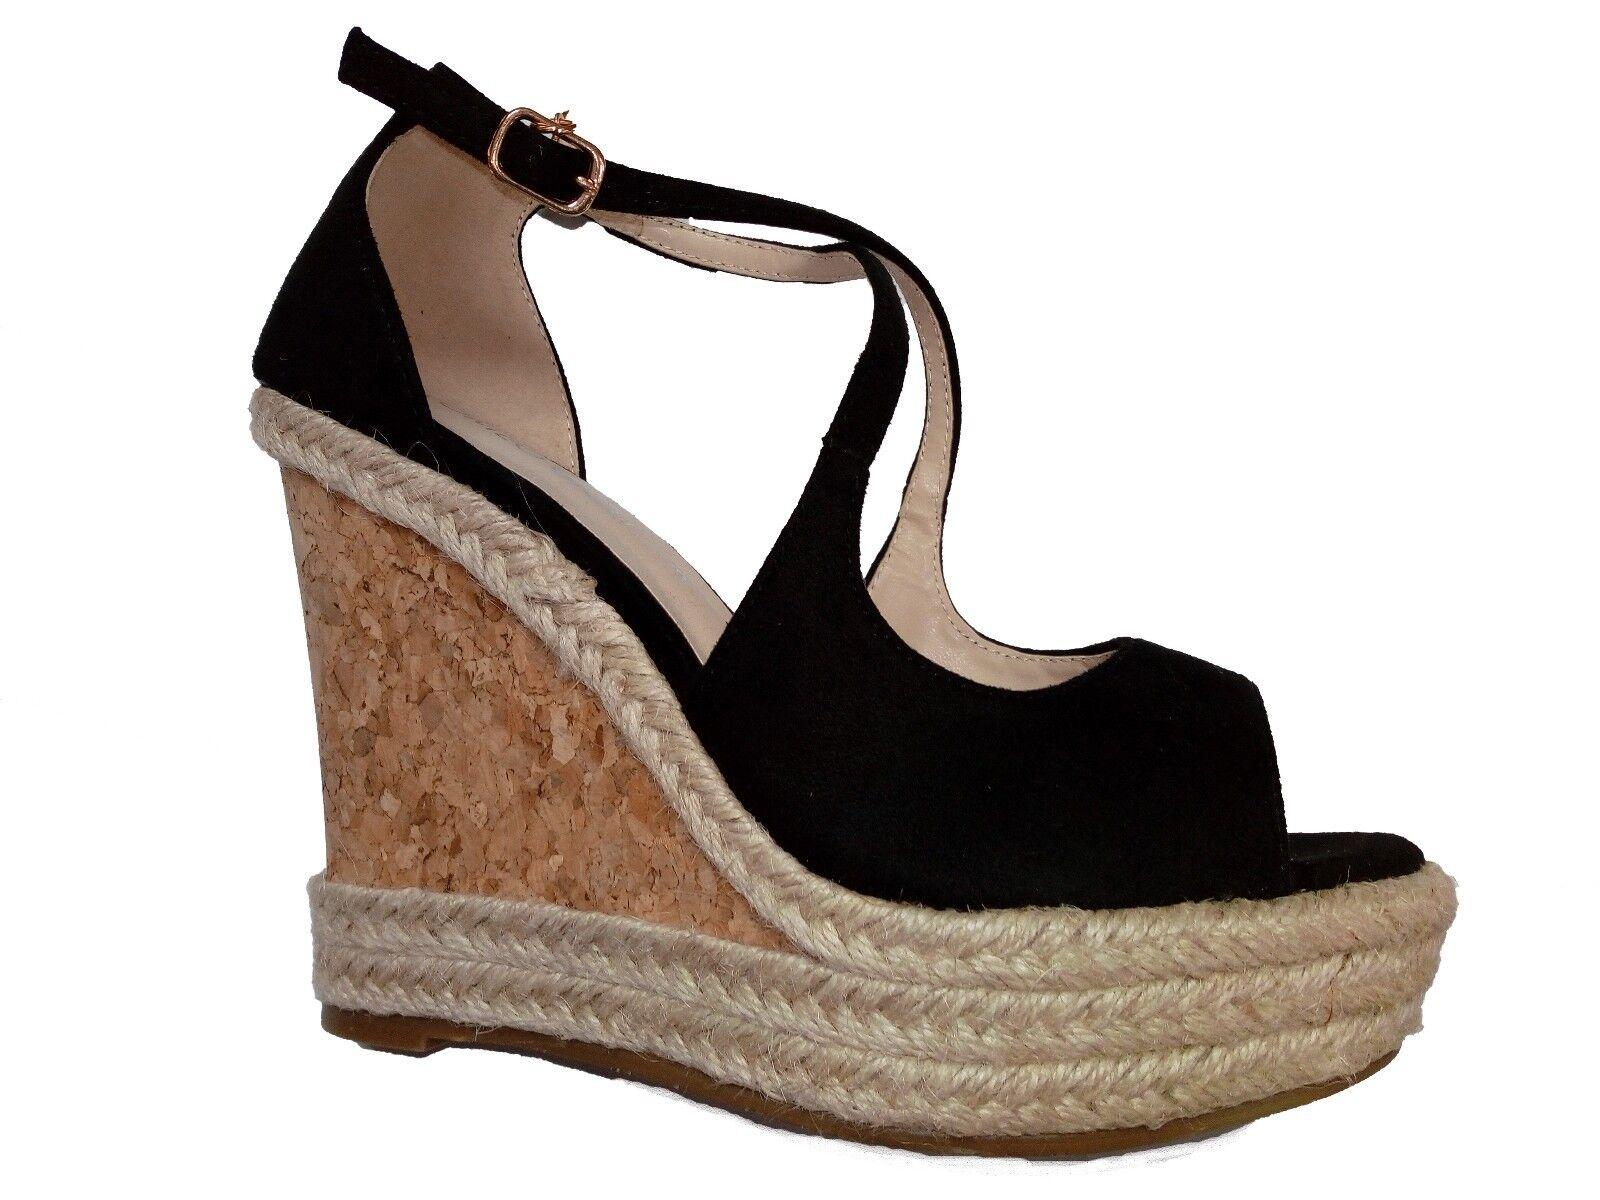 Sandale ROMEO GIGLI Damenschuhe Zoccoli con Zeppa tg 38 Camoscio Nero nuova collezione